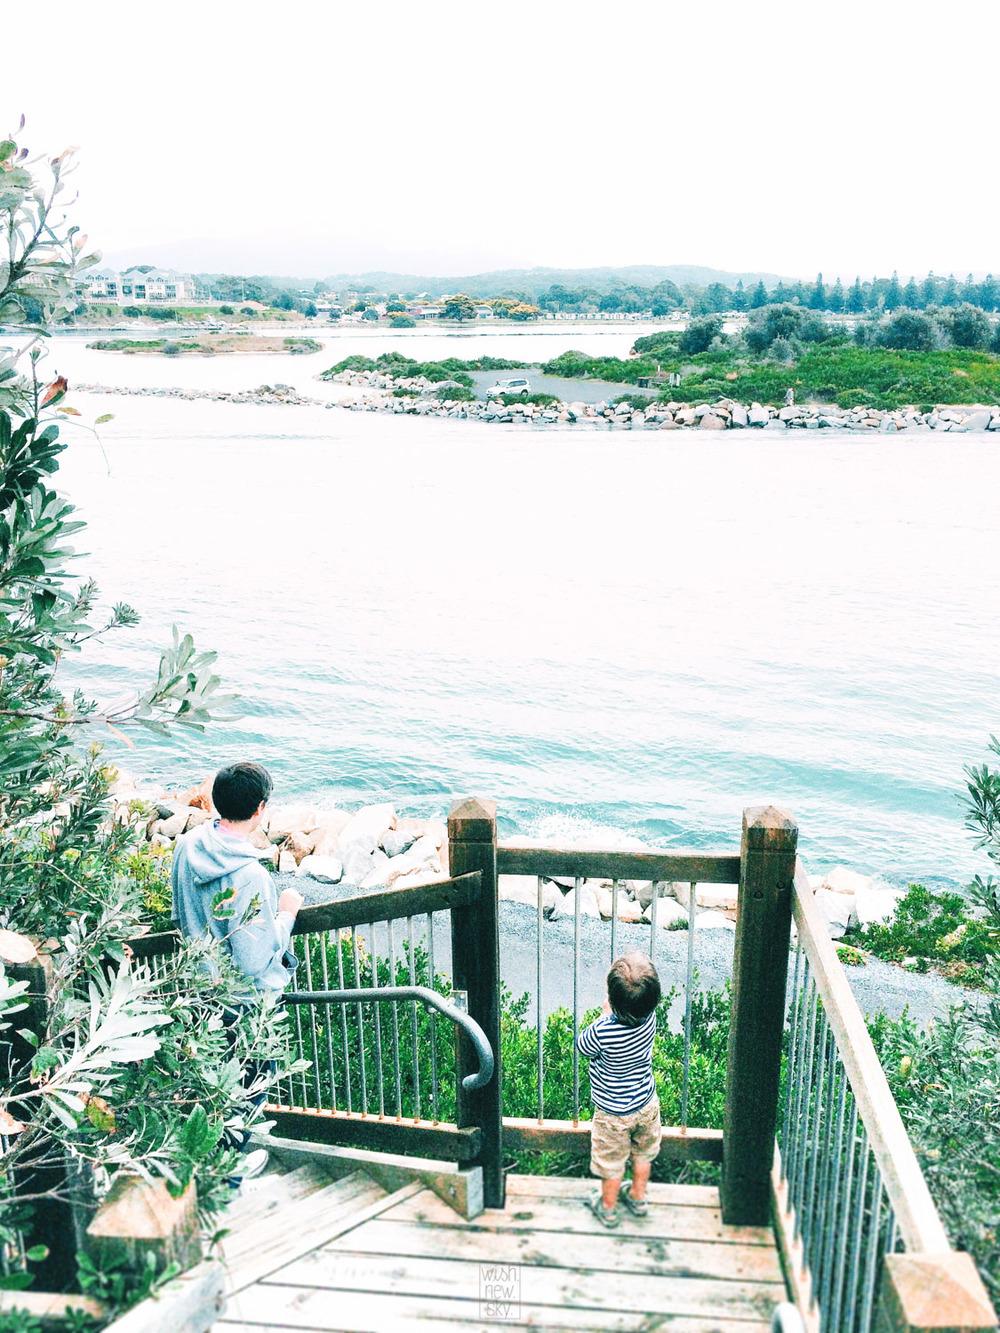 AustraliaByWishNewSky-248.jpg